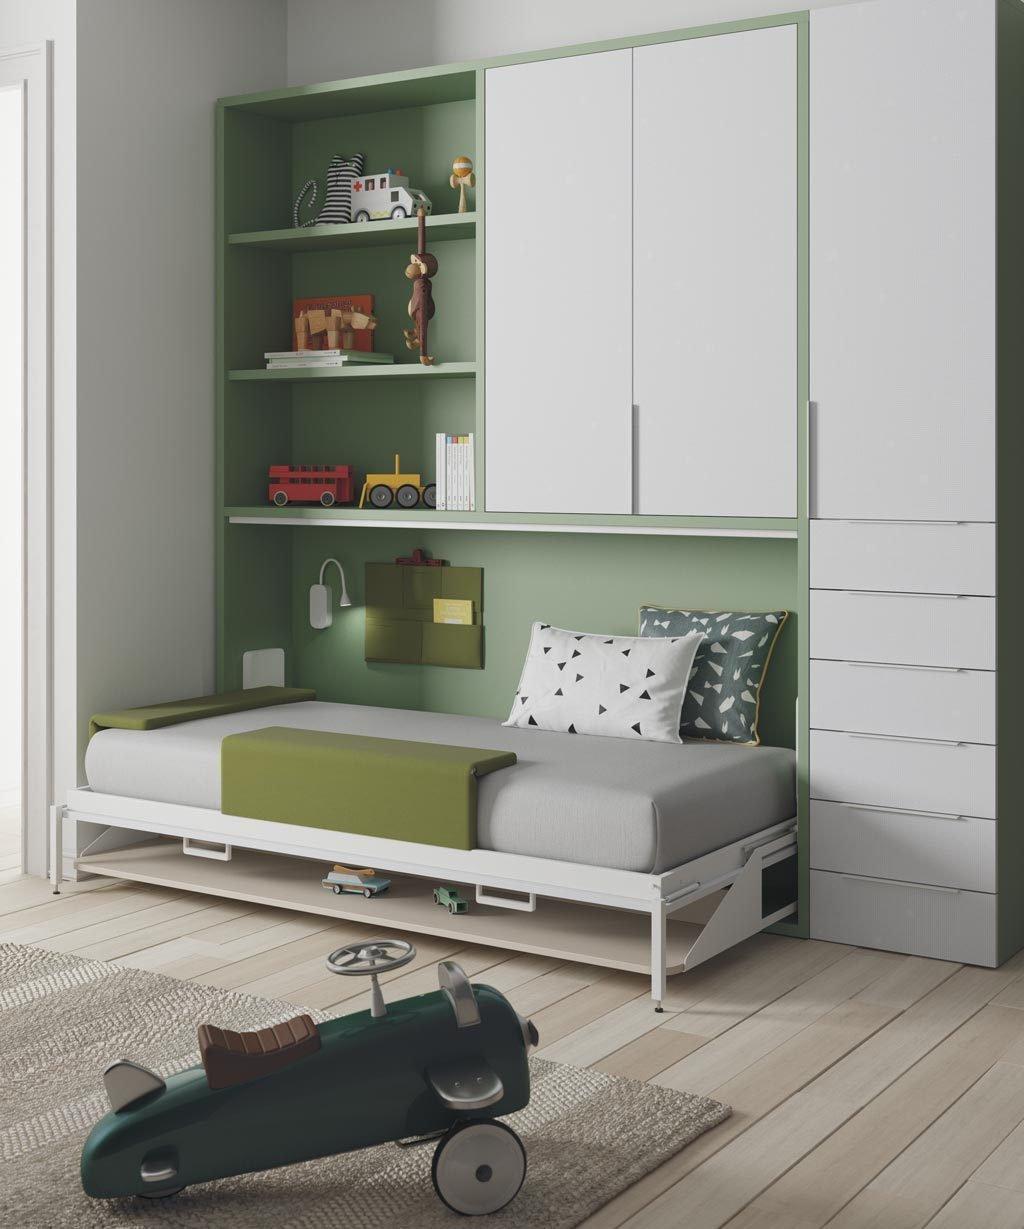 Detalle de la cama abatible abierta con la mesa escritorio plegada bajo la cama